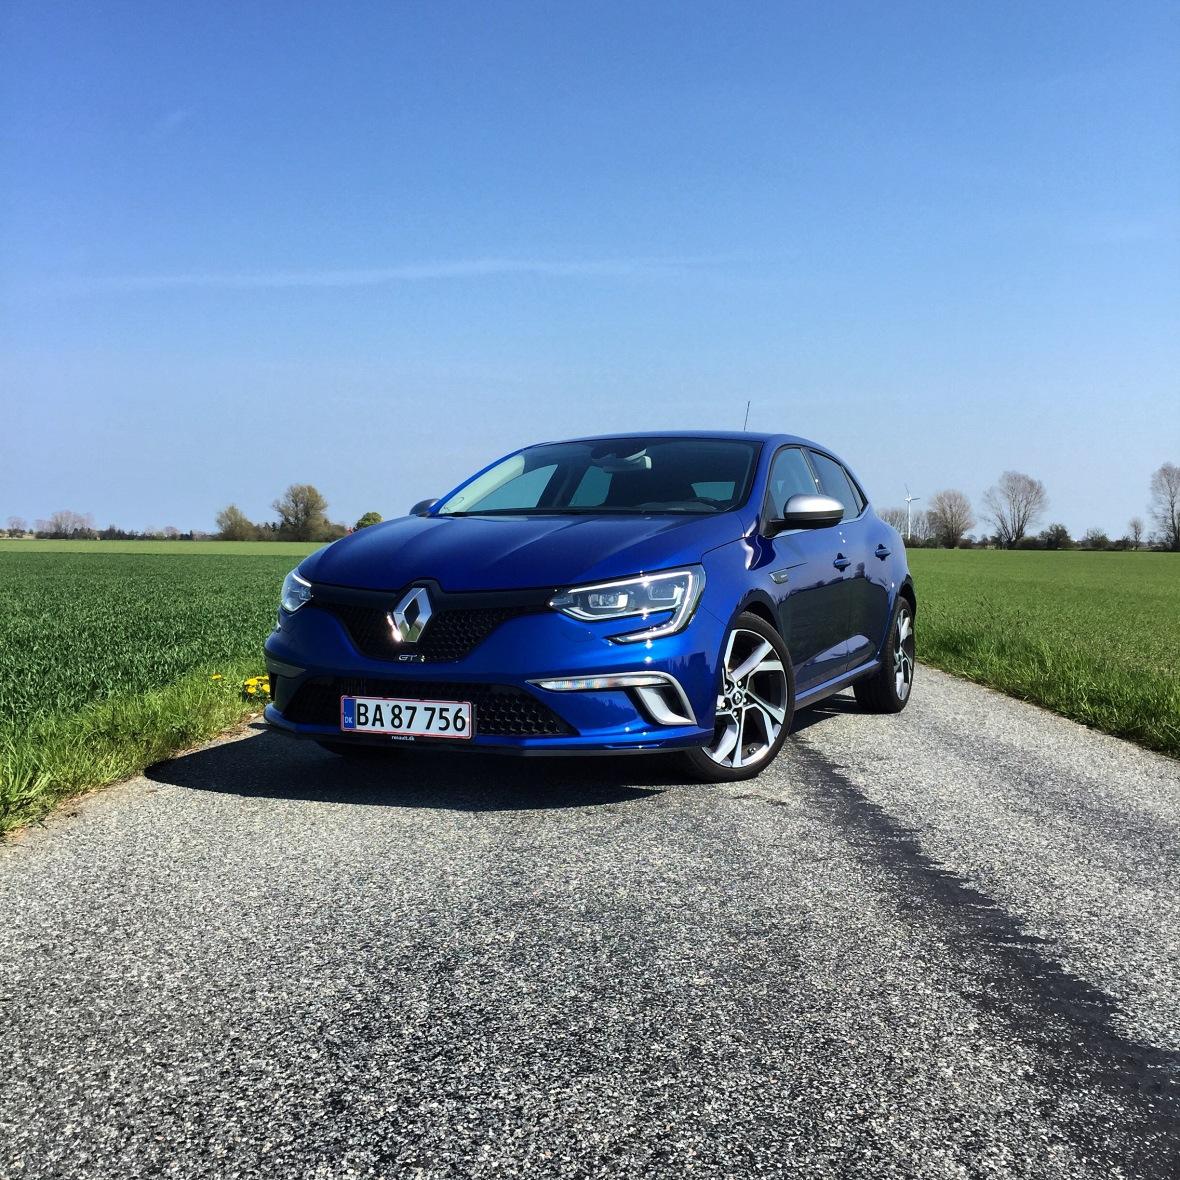 Den nye Renault Megane skuffede mig i udgangspunktet. Men GT-udgaven tager revanche, ved at addressere en del af mine kritikpunkter.